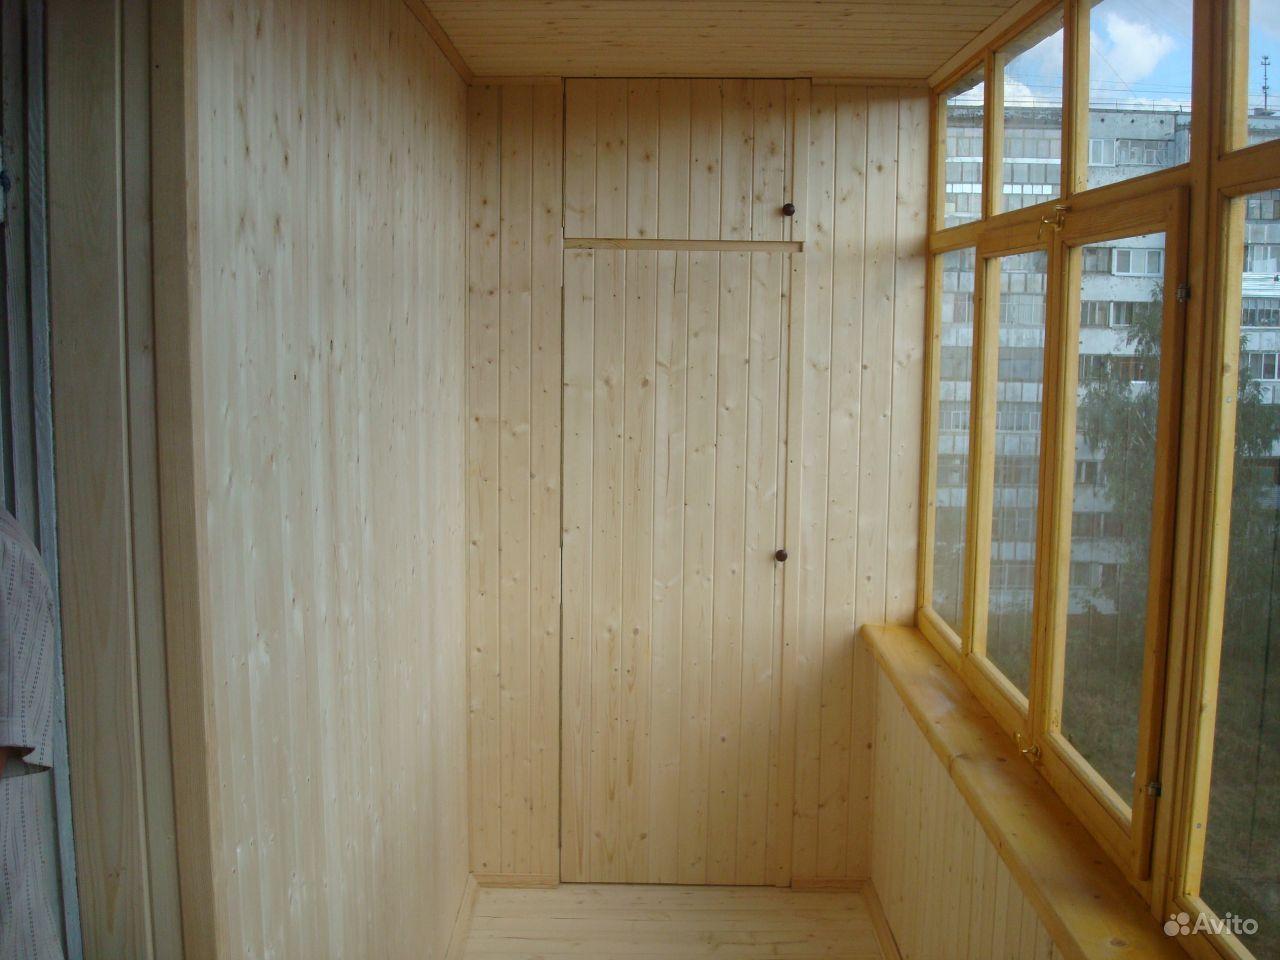 Фото балконов обшитых вагонкой со шкафами..